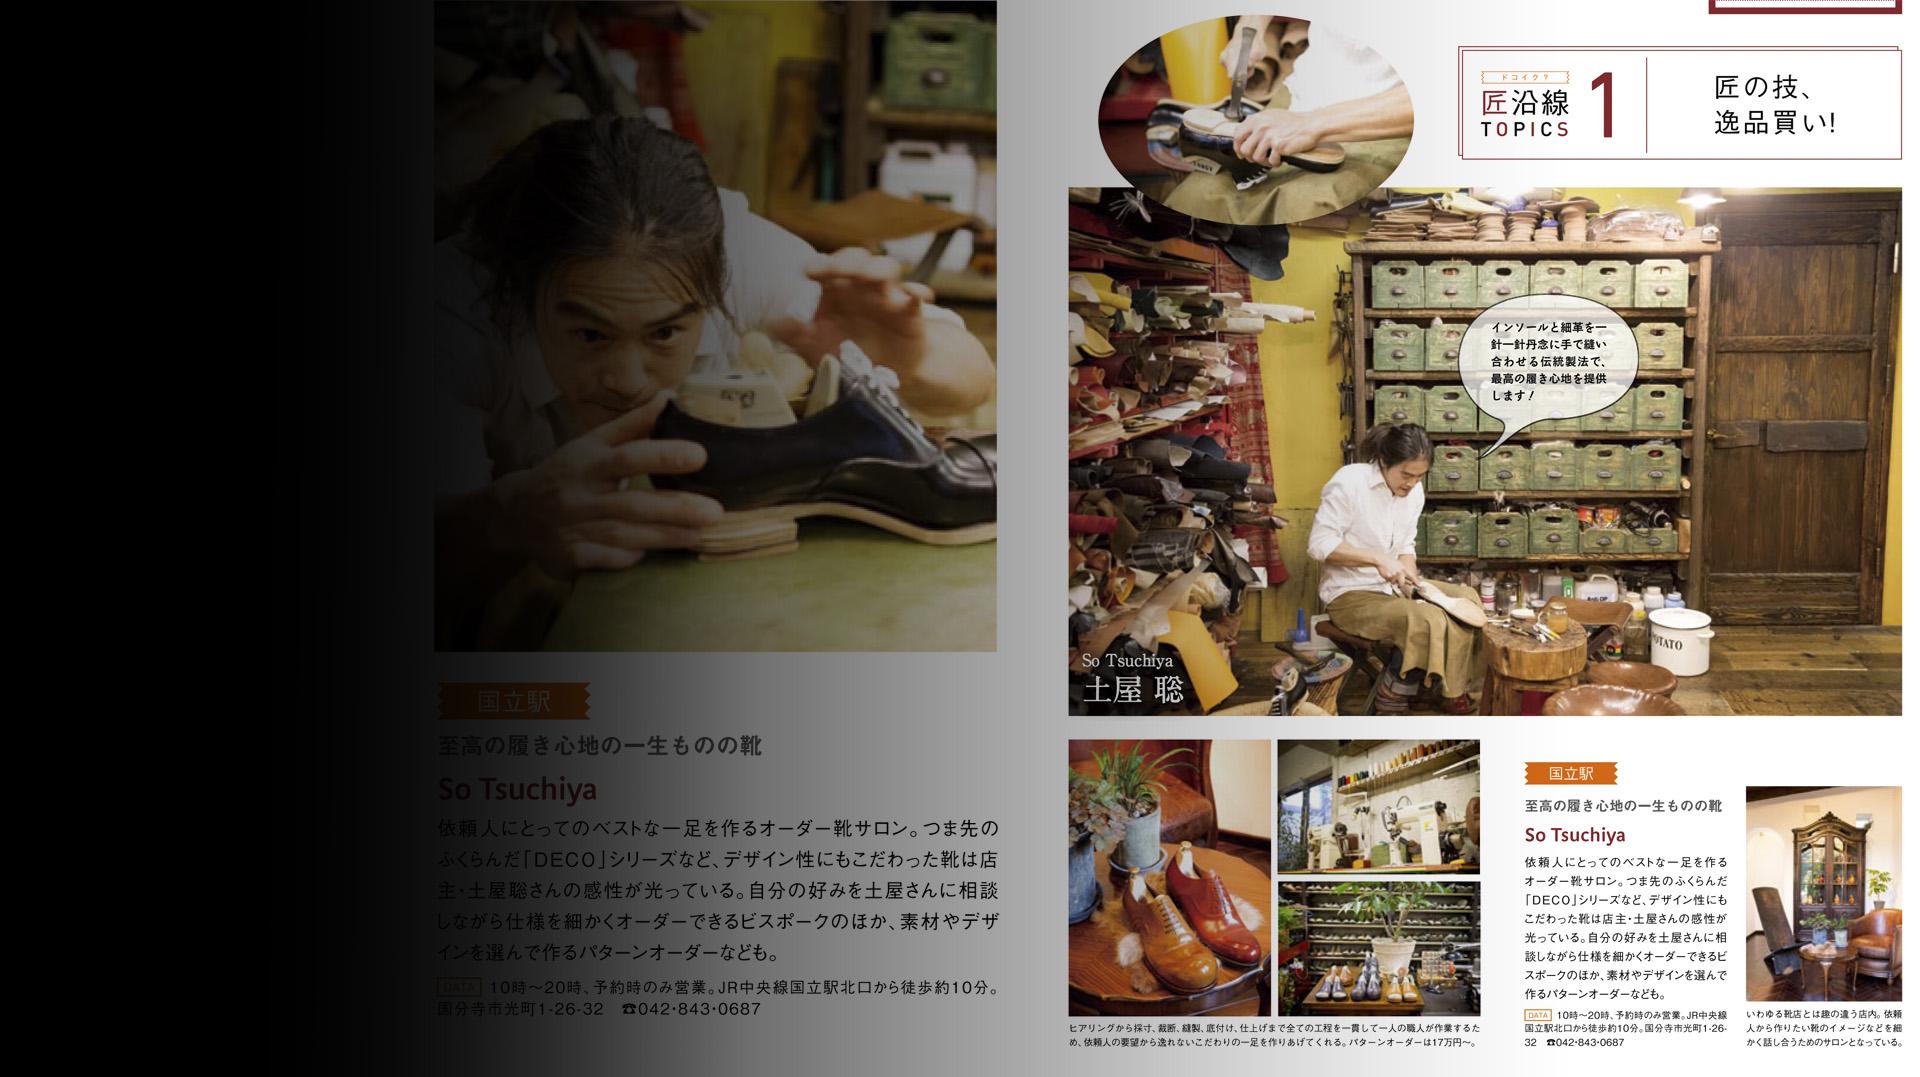 So Tsuchiyaビスポーク靴店(東京)